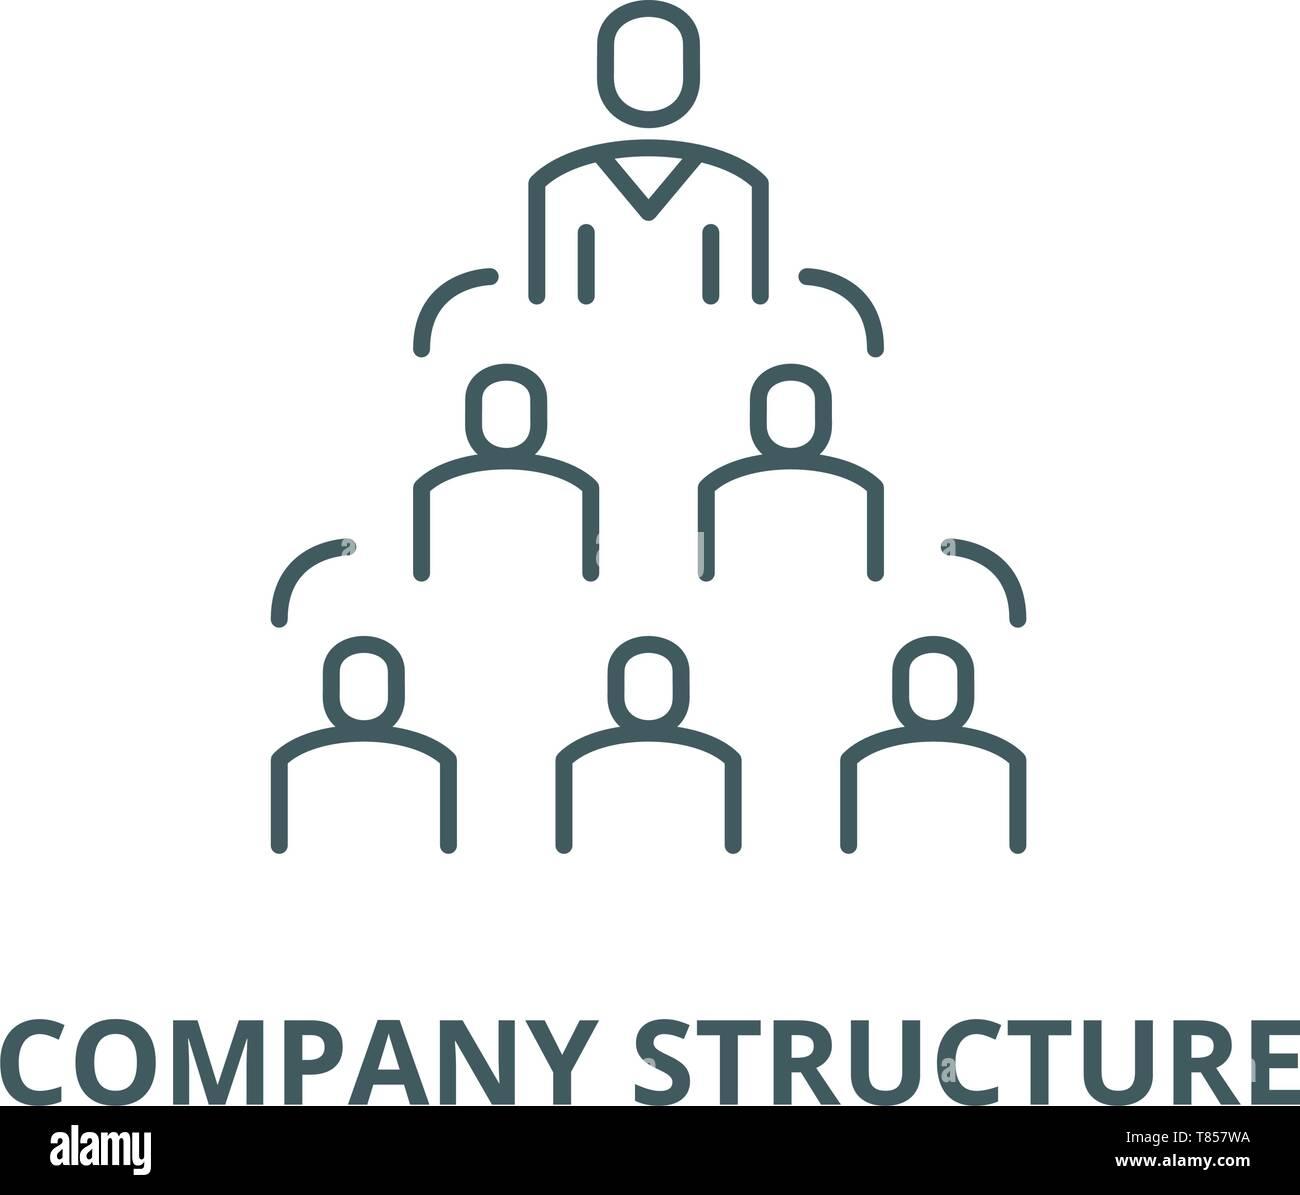 La Estructura De La Empresa Línea Vector Icono Concepto